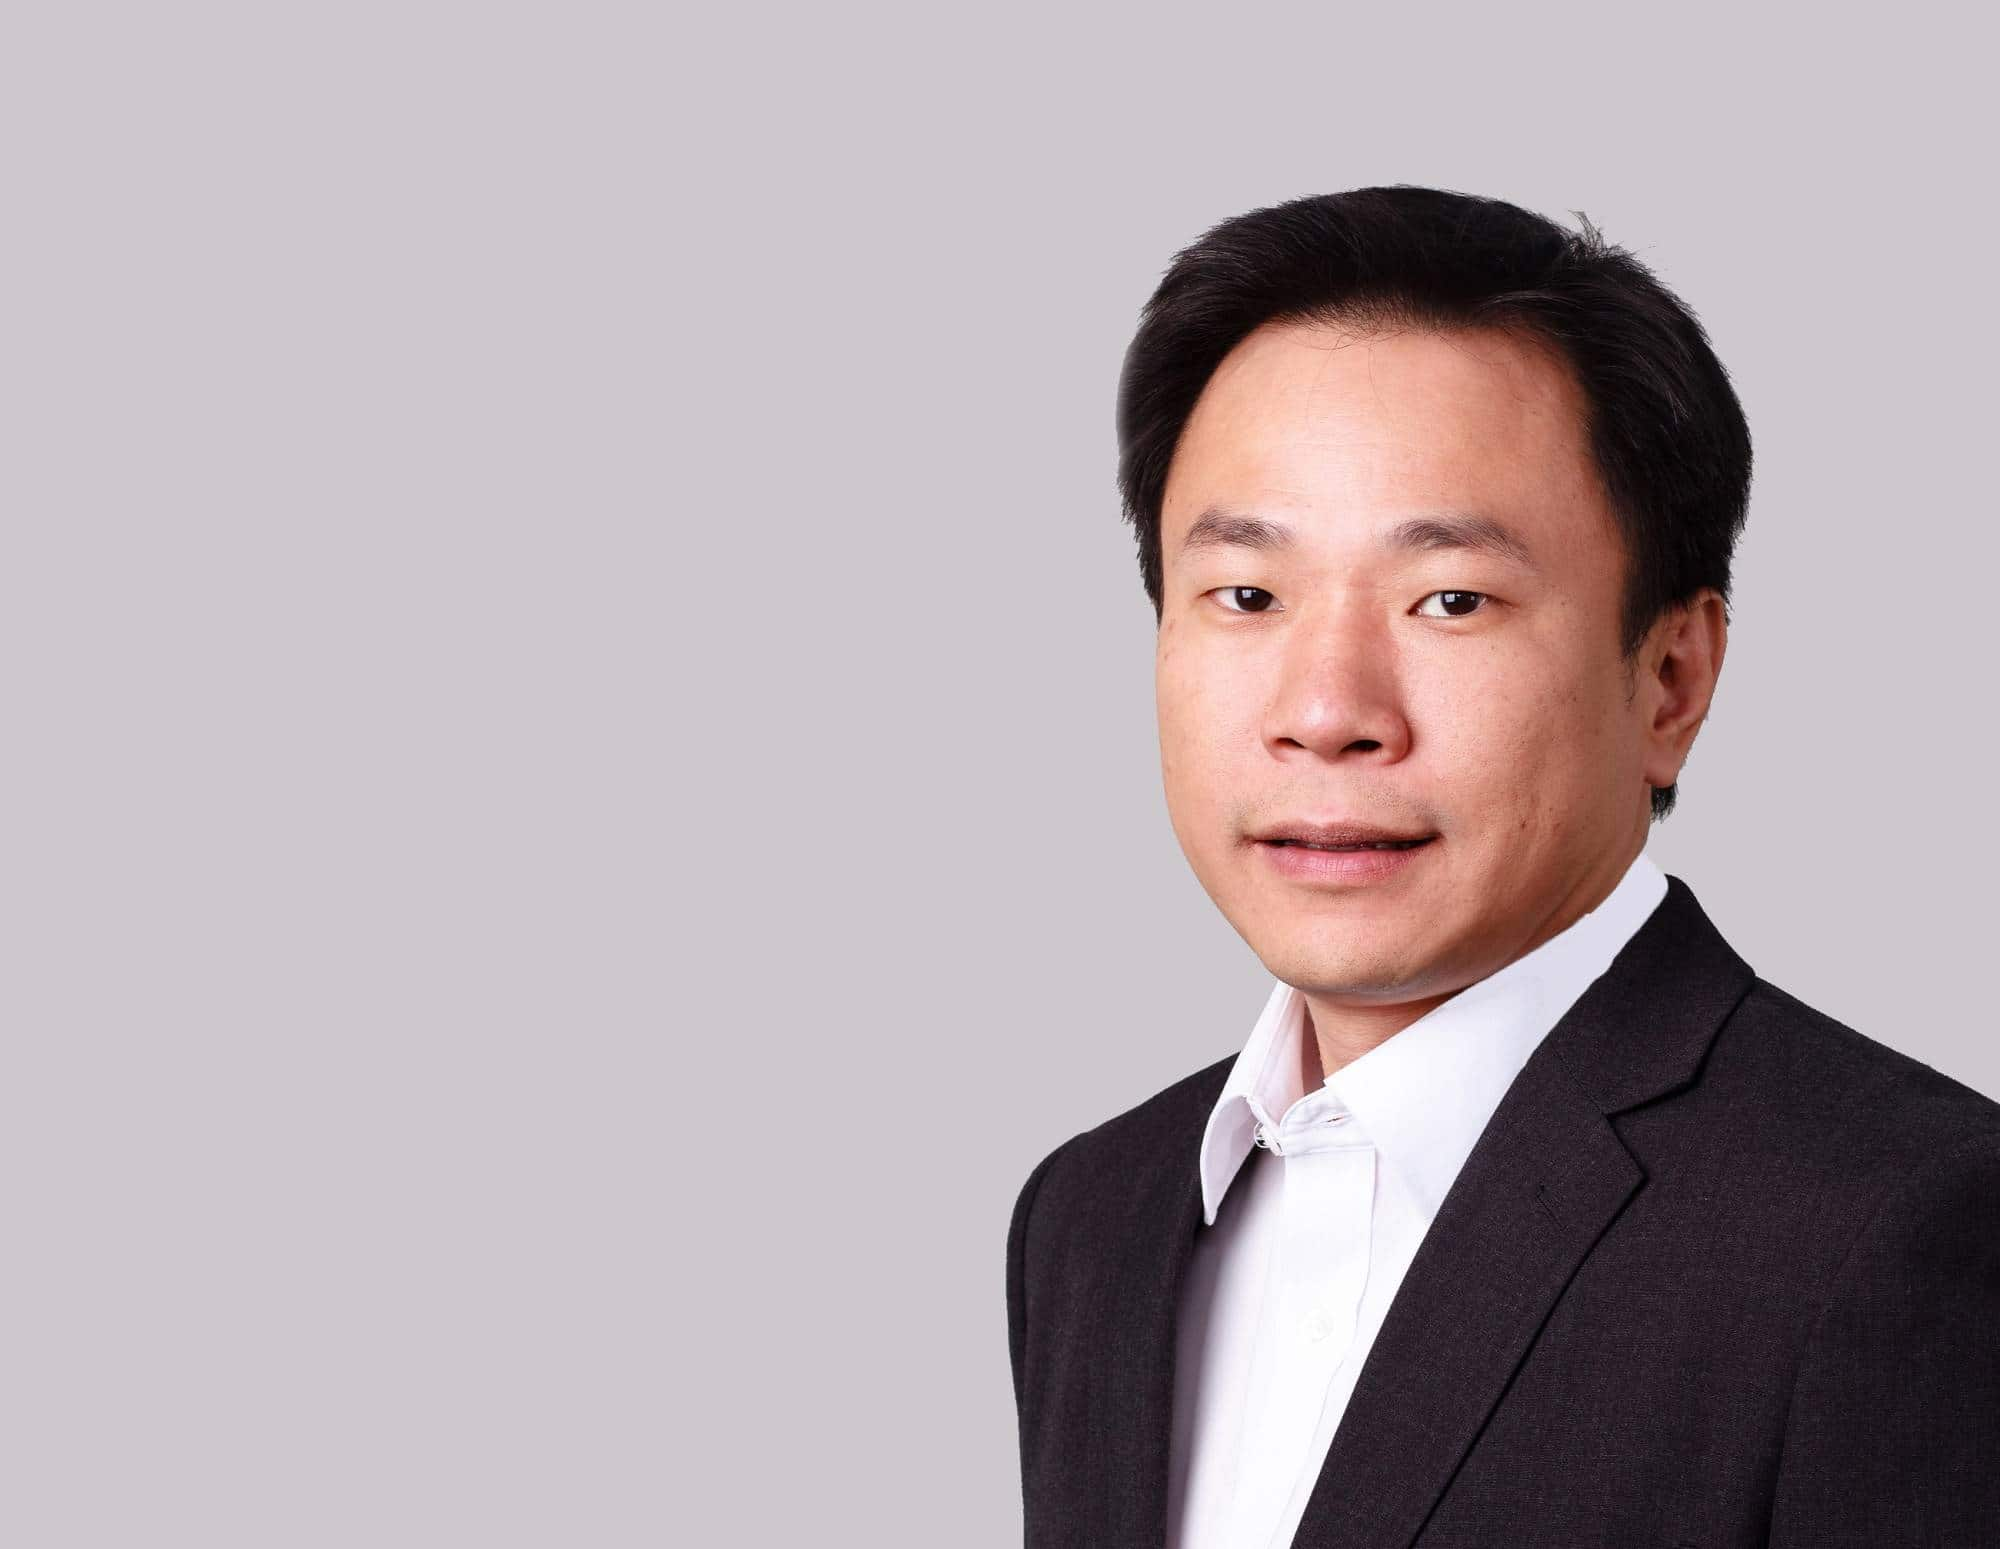 เน็กซัสเผยอนาคต One Bangkok ตัวแปรตลาดอาคารสนงเปลี่ยนอำนาจในมือเป็นของผู้เช่า | Prop2Morrow บ้าน คอนโด ข่าวอสังหาฯ